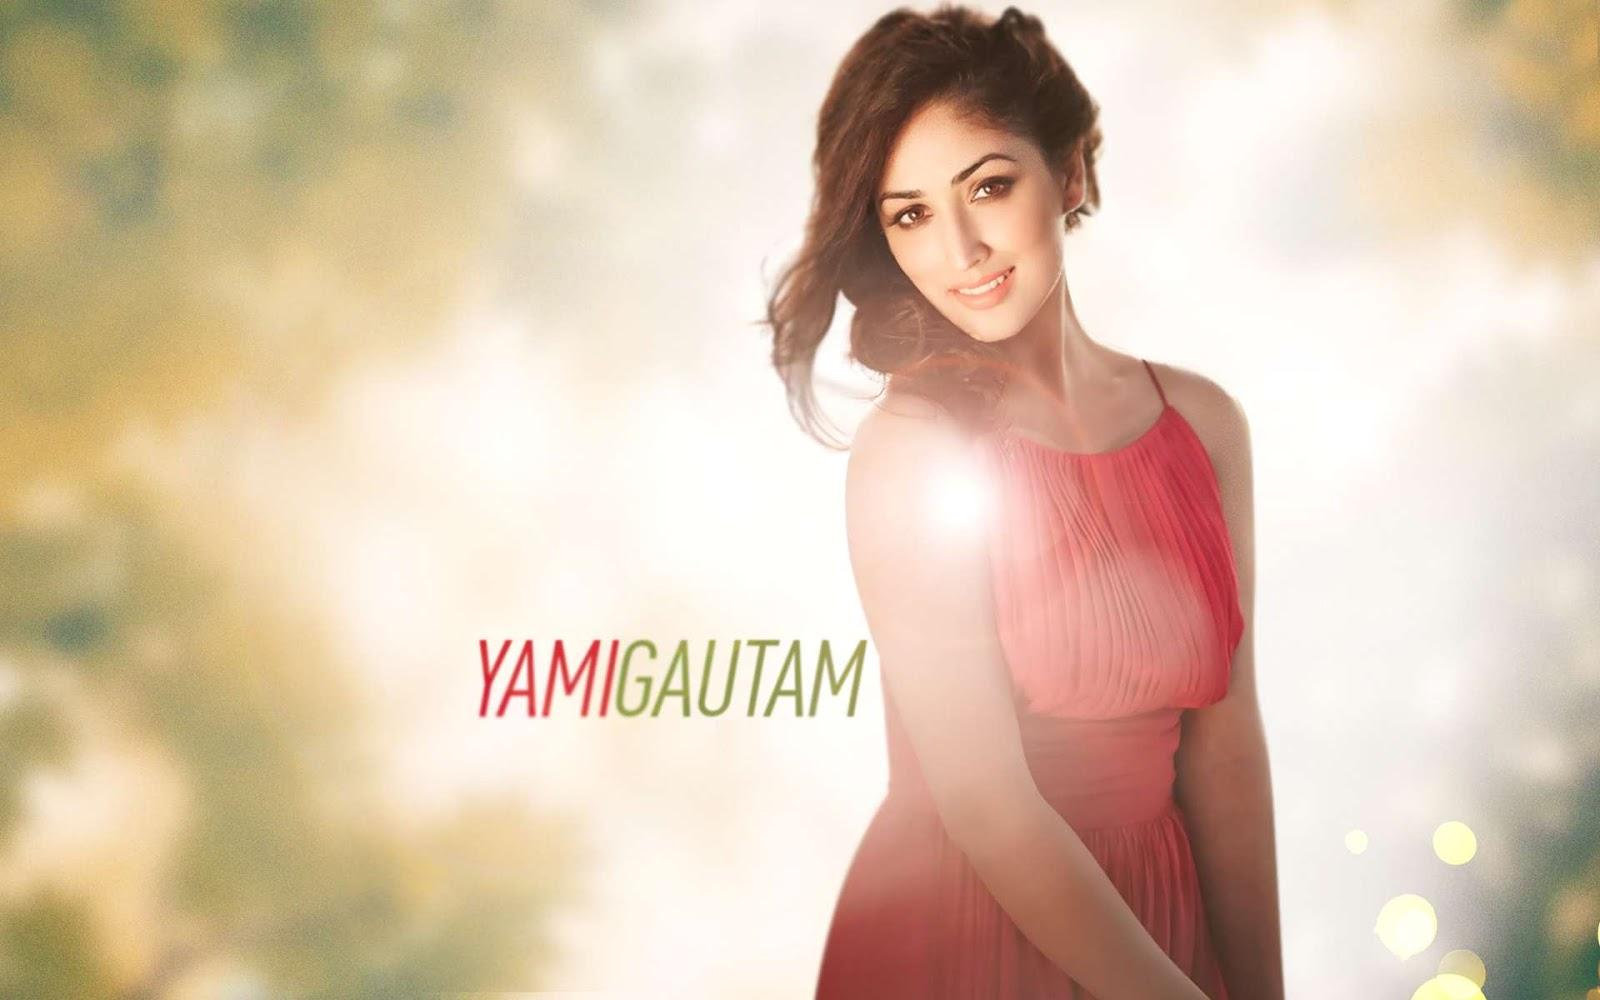 Wallpaper download karo - Hd Wallpaper Yami Goutam Very Beautiful Yami Gautam Pictures In Red Dress